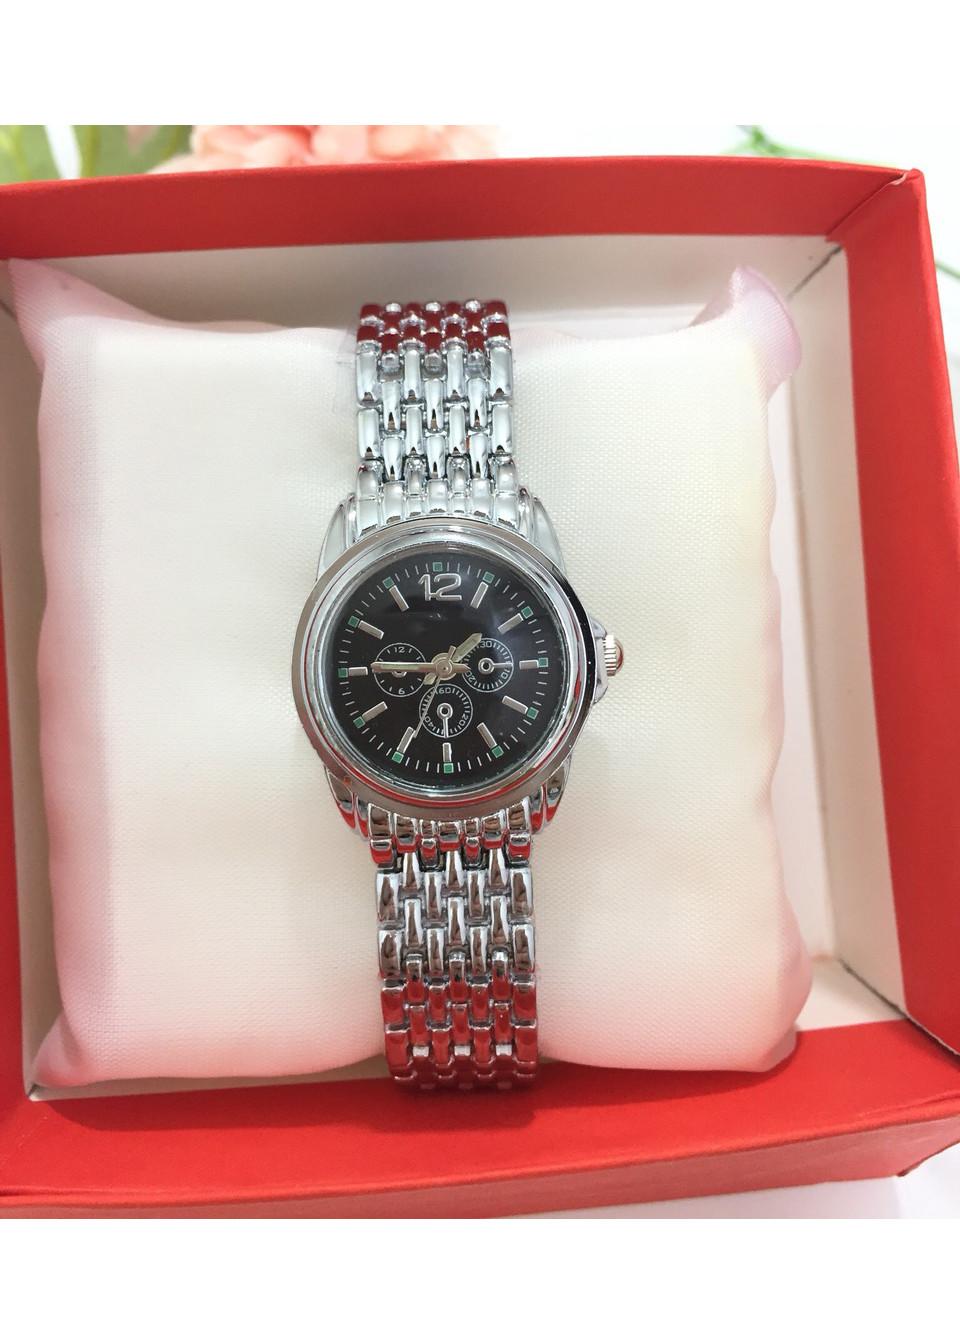 Đồng hồ nam nữ thời trang thông minh mitana cực đẹp DH61